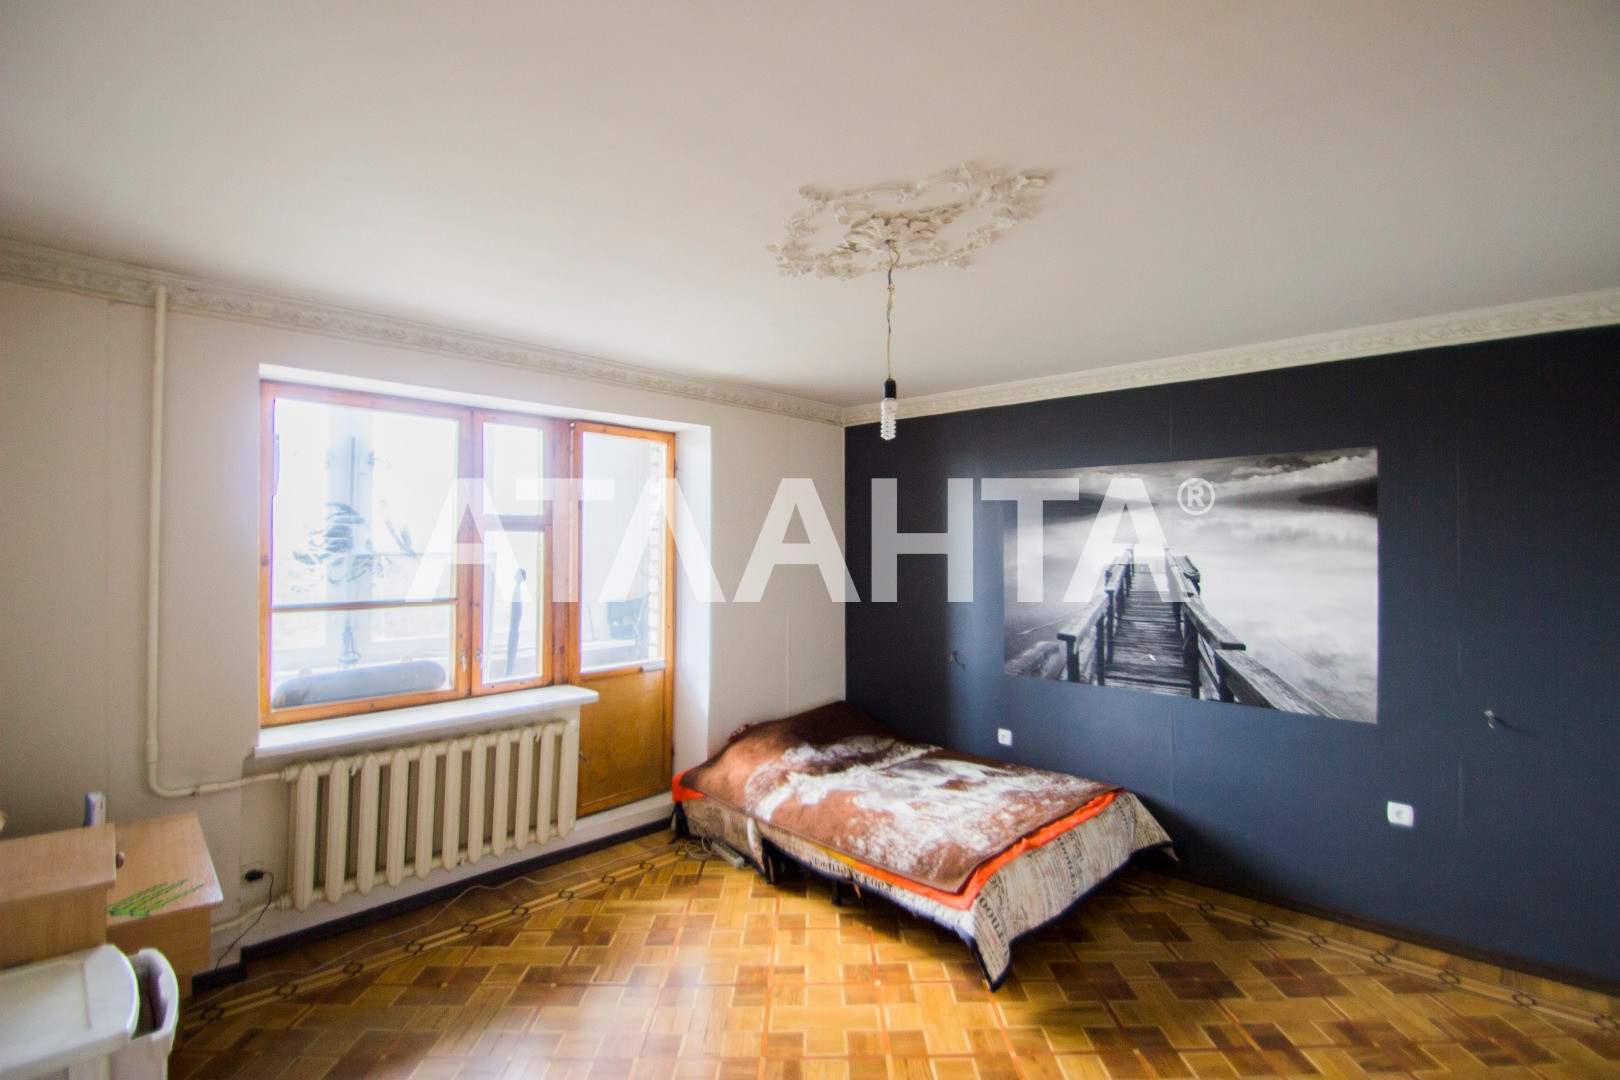 Продается 3-комнатная Квартира на ул. Центральный Аэропорт — 75 000 у.е. (фото №6)